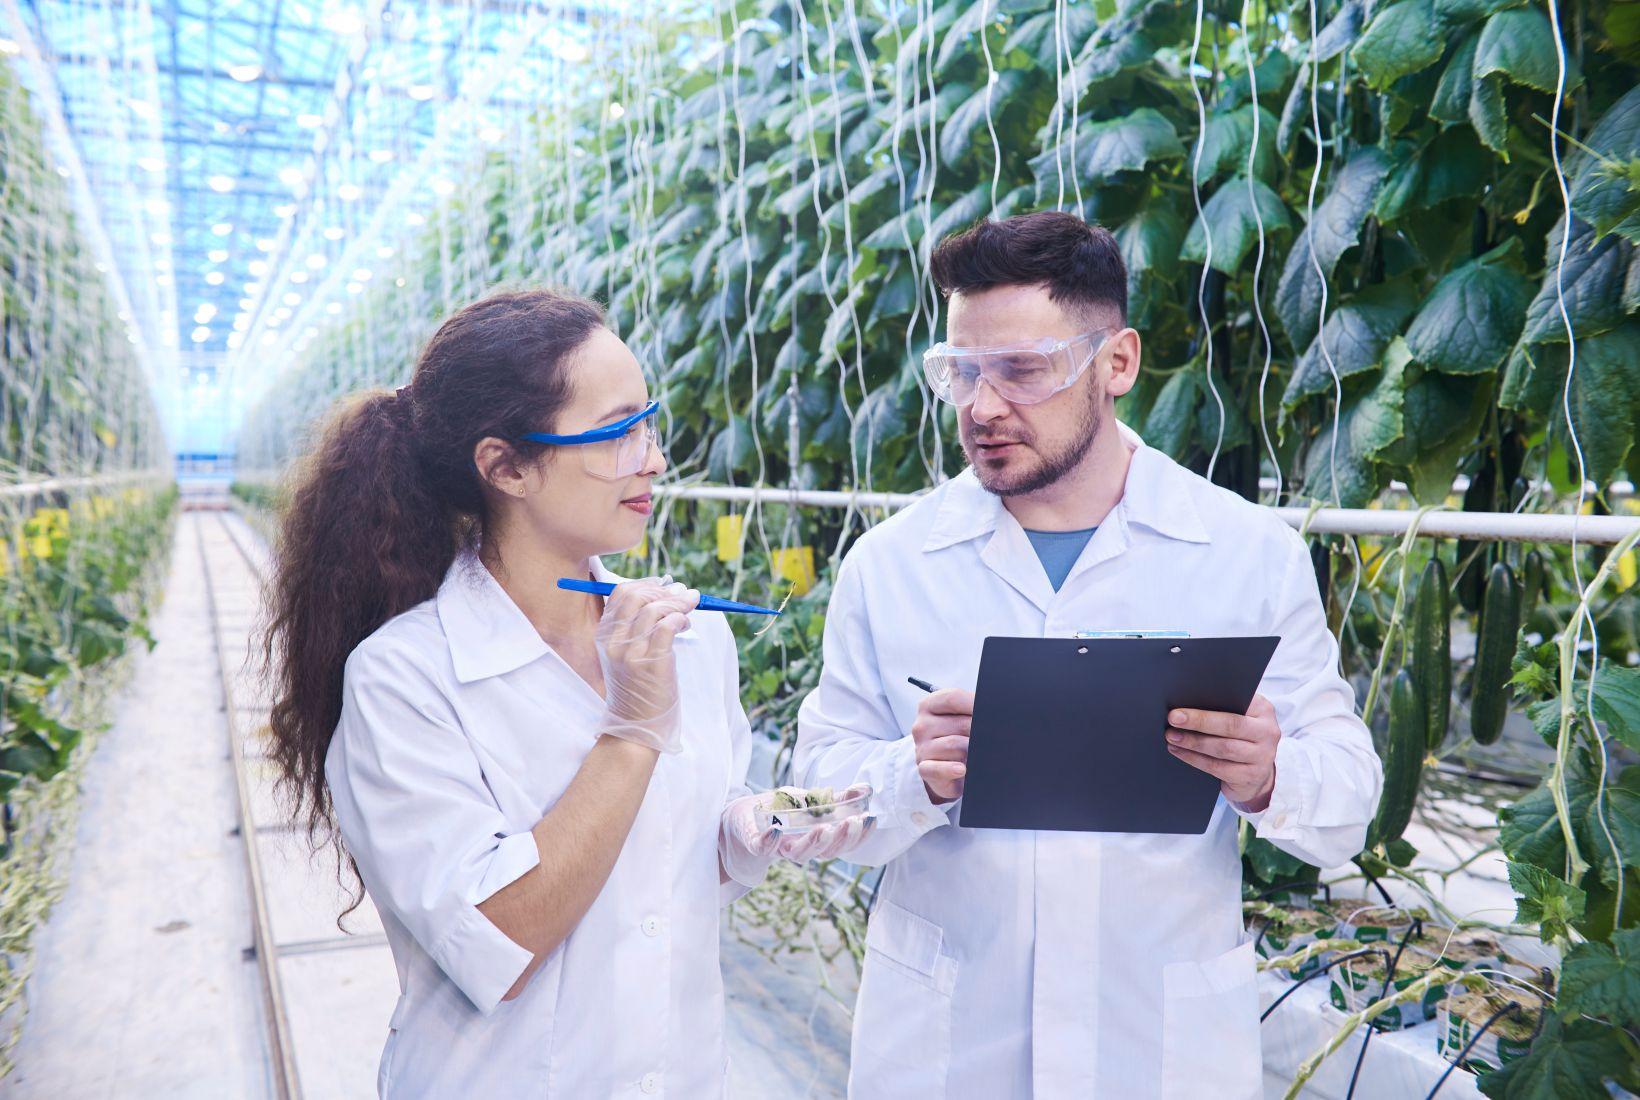 Sistemas de produção agrícola sustentável